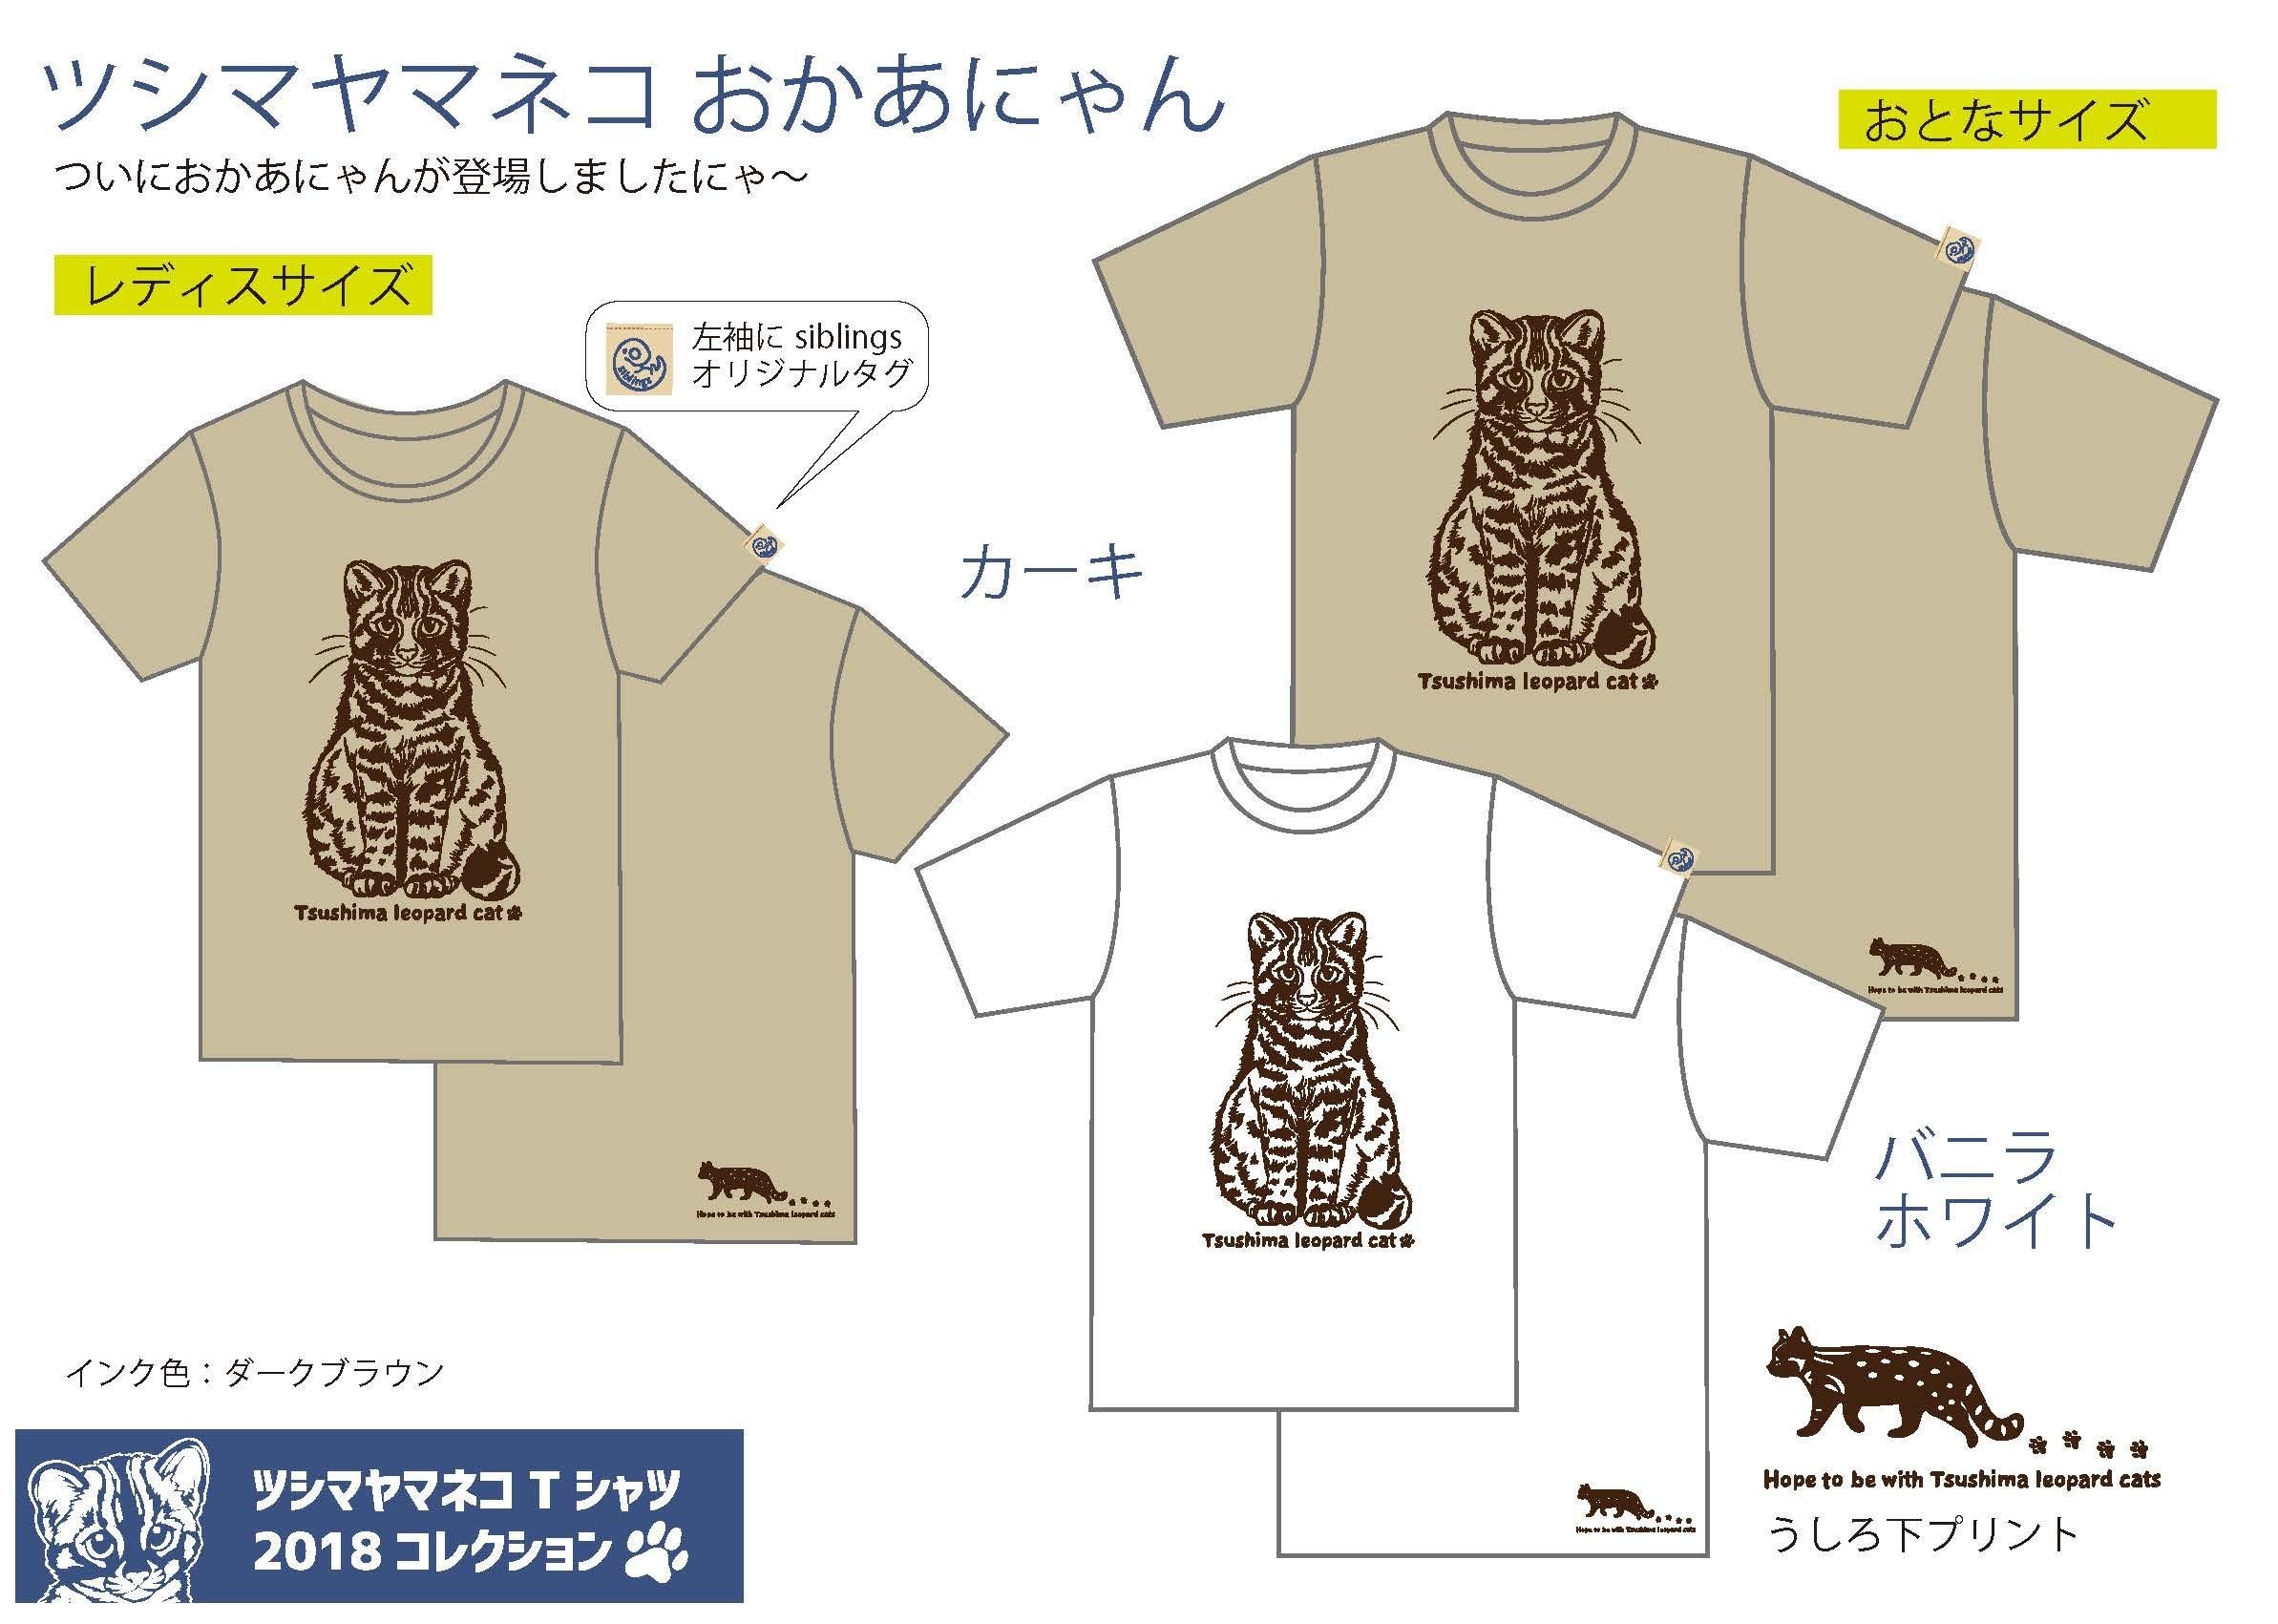 【おかあにゃん】2018MITオリジナルツシマヤマネコTシャツ